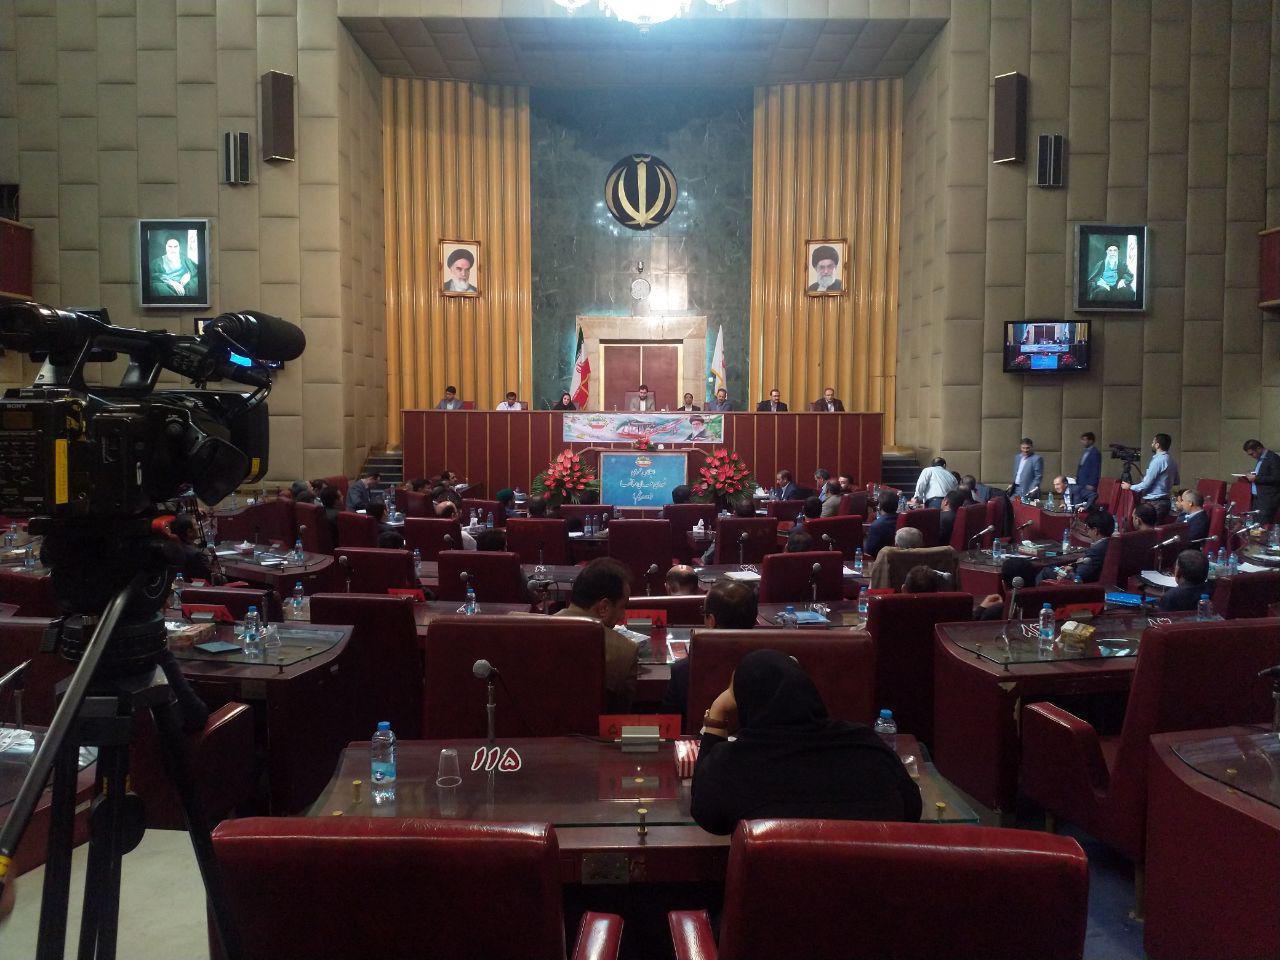 عزل و نصبهای سیاسی در آموزش و پرورش تحصیل و آموزش را قربانی کرده است/ ثمره بیست سال تلاش در خوزستان برای کشاورزی در یک هفته بر باد رفت